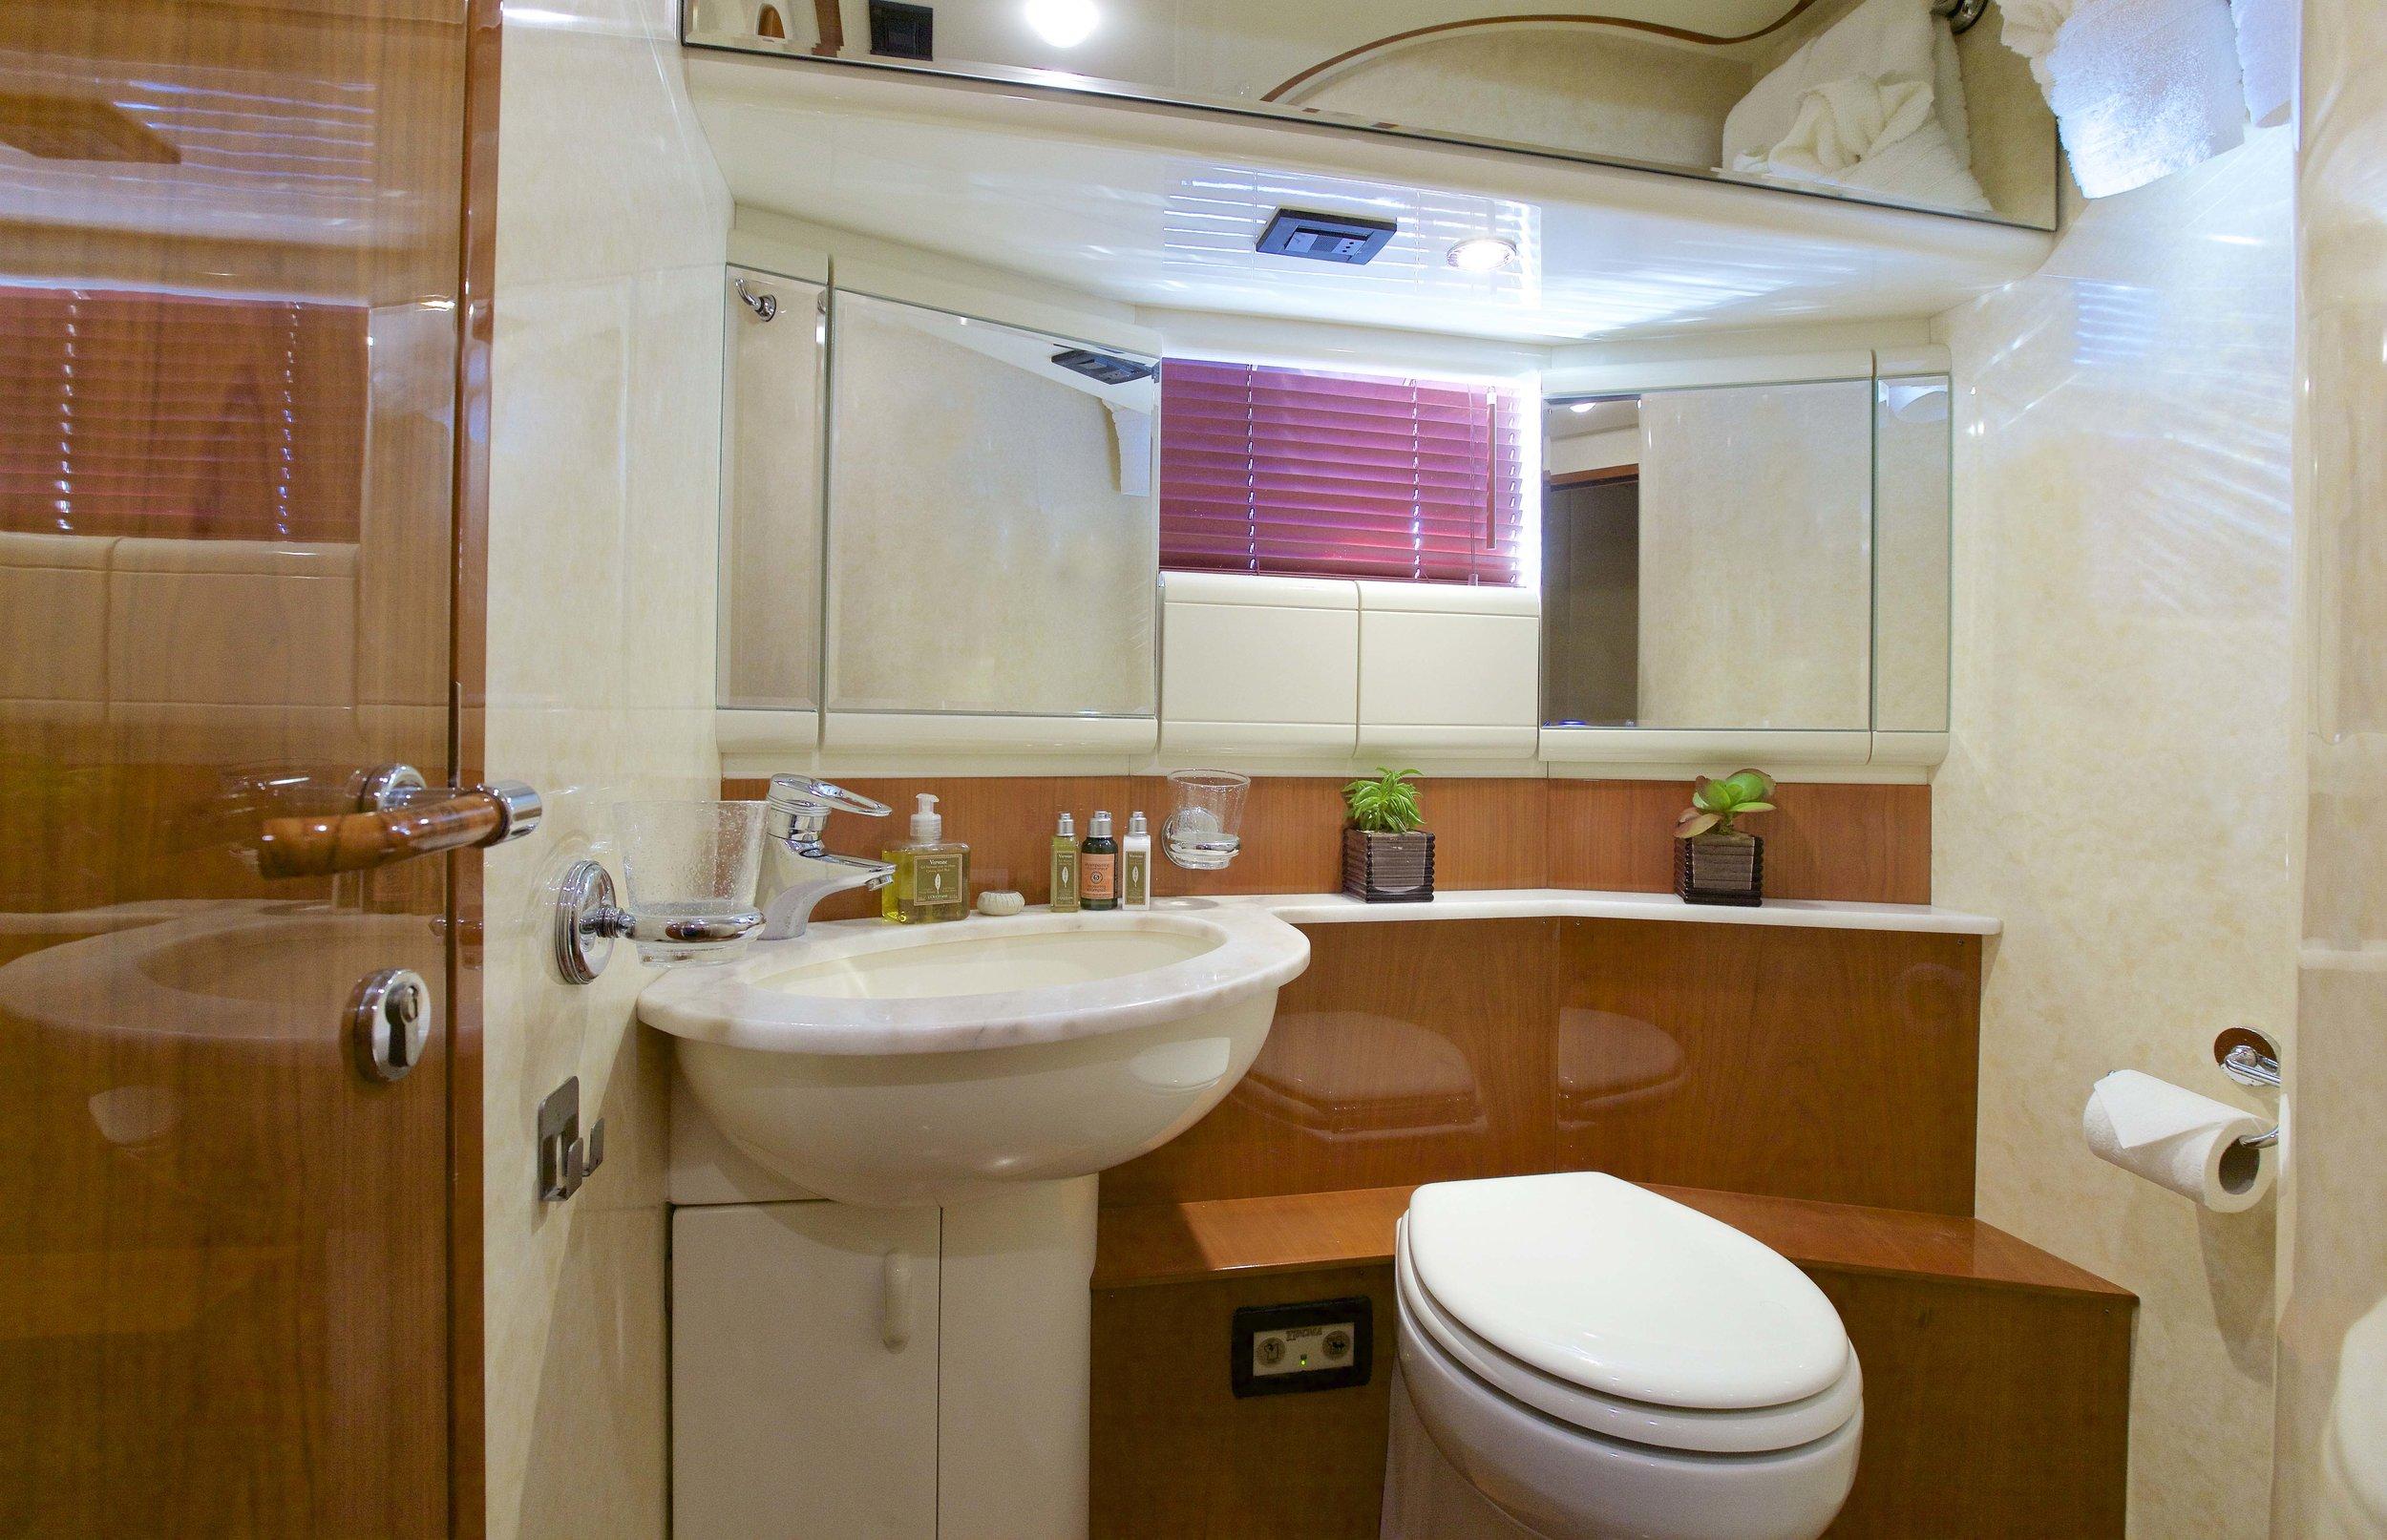 GeePee_Twin_Bathroom.jpg